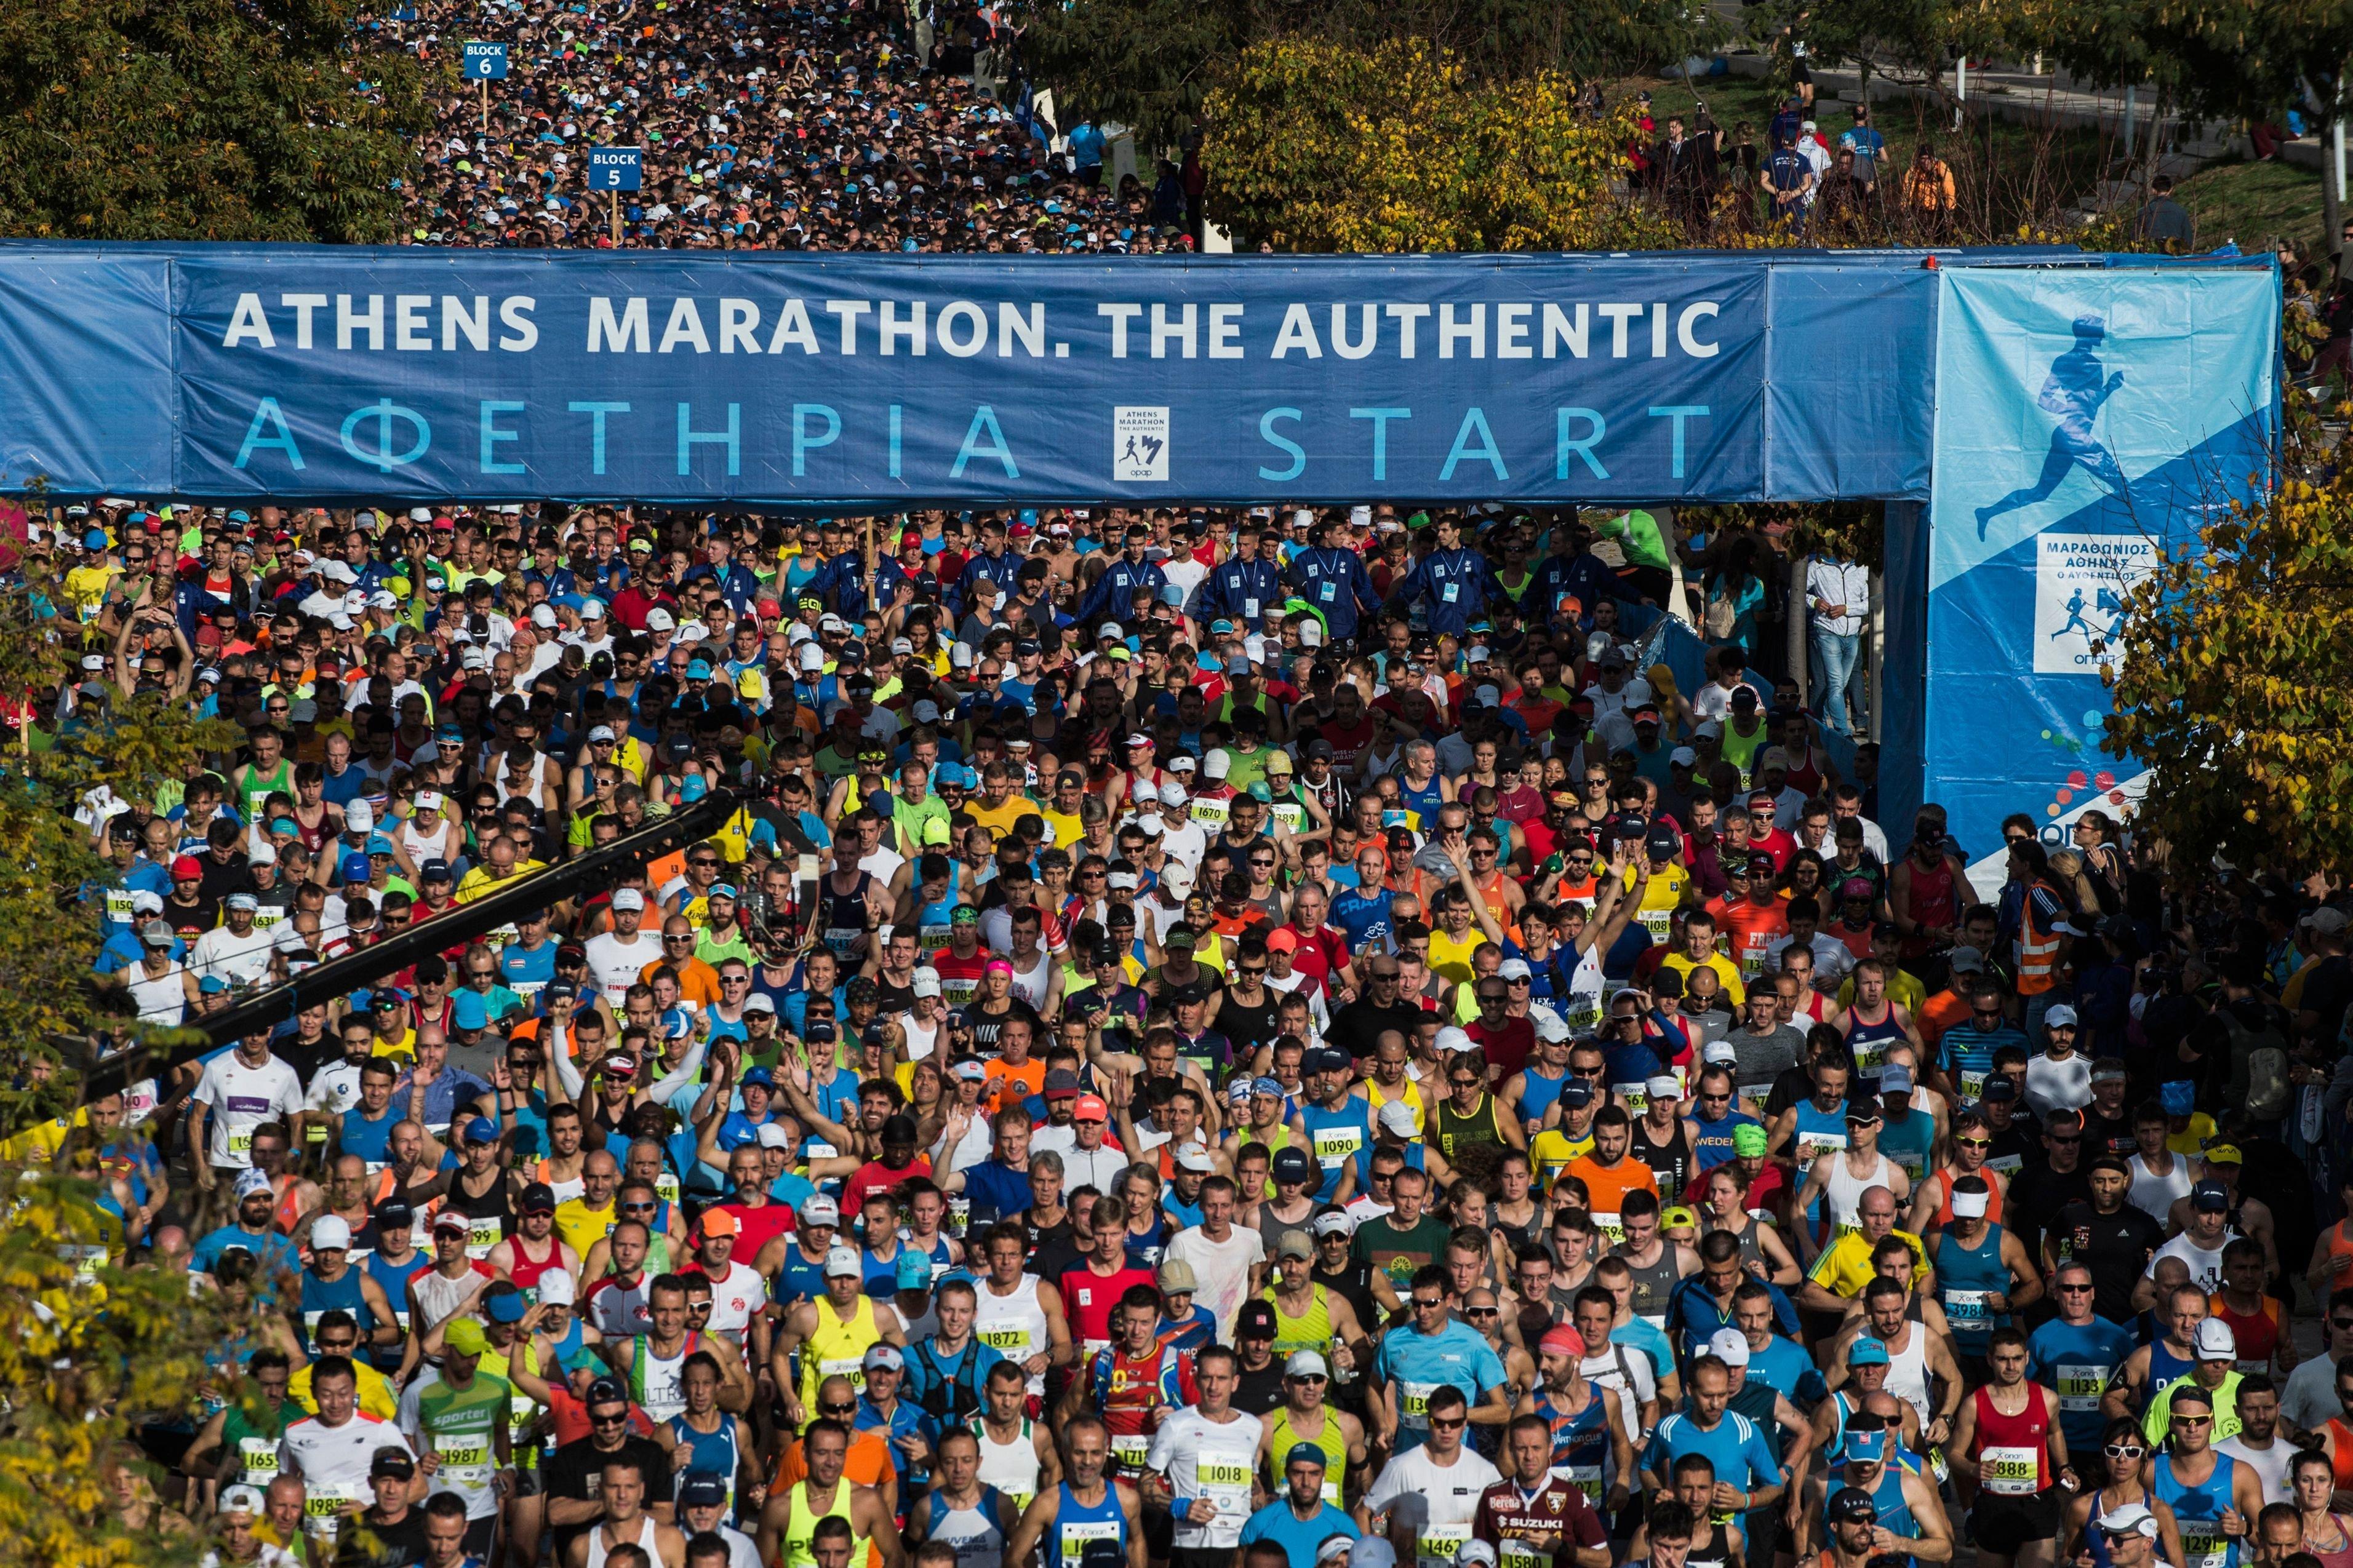 Πώς ο Μαραθώνιος της Αθήνας έγινε success story